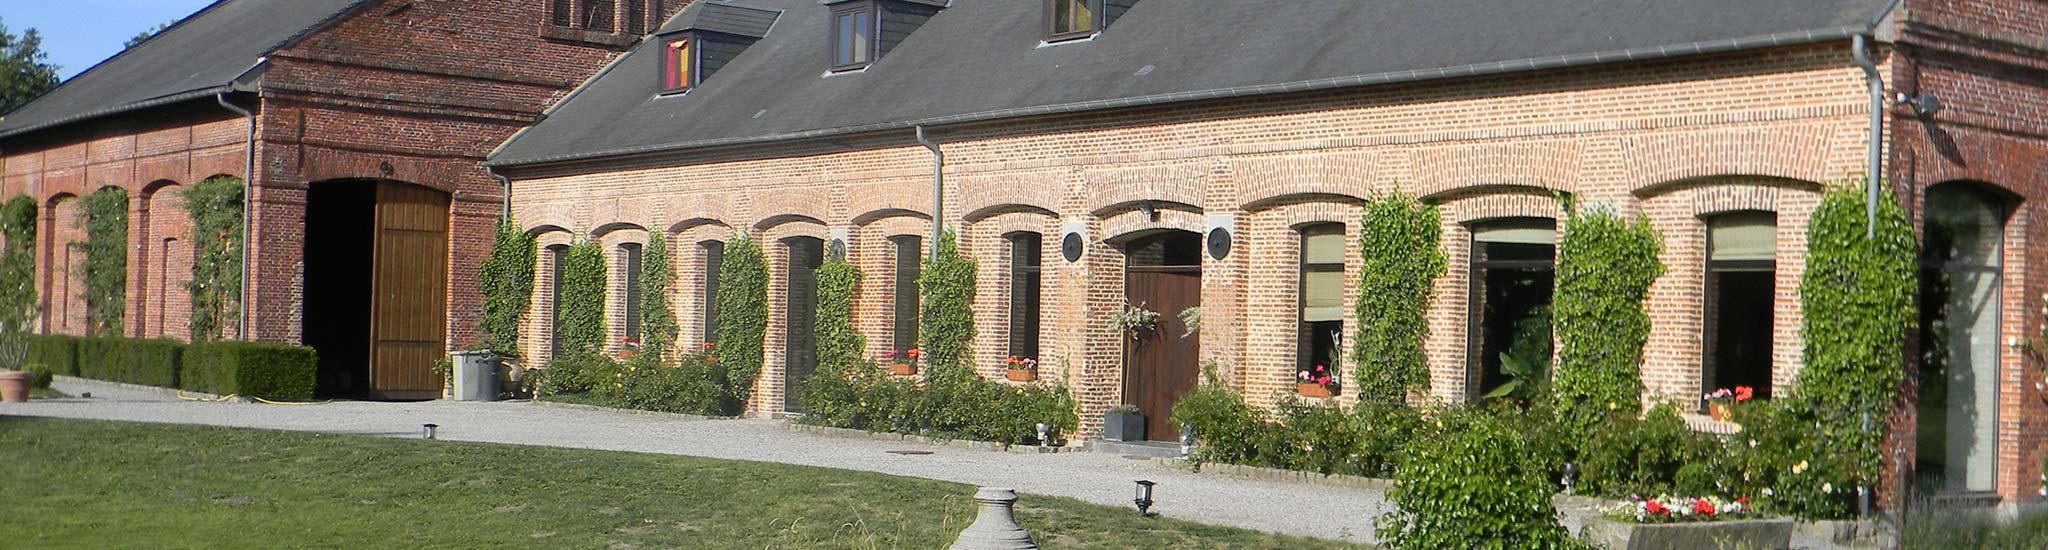 MERIGNIES - 59246 La Pévèle secteur très côté à 20 kilomètres de Lille, à deux p...